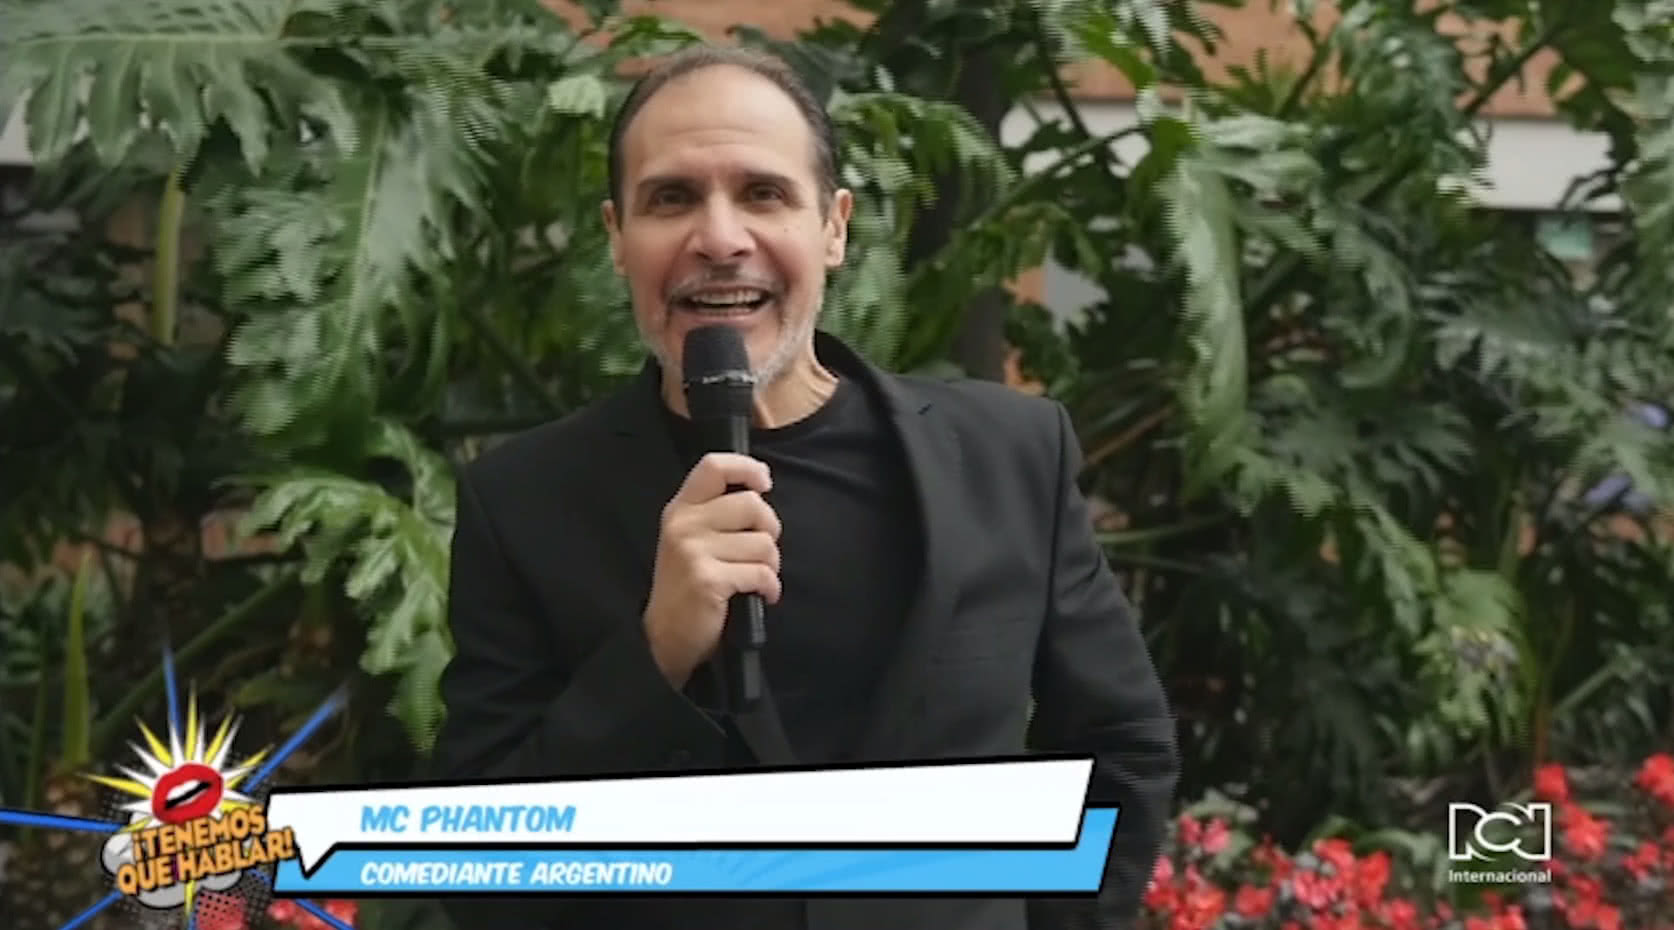 mac-phantom-trae-a-colombia-su-stand-up-comedy-mejor-morir-de-la-risa.jpg